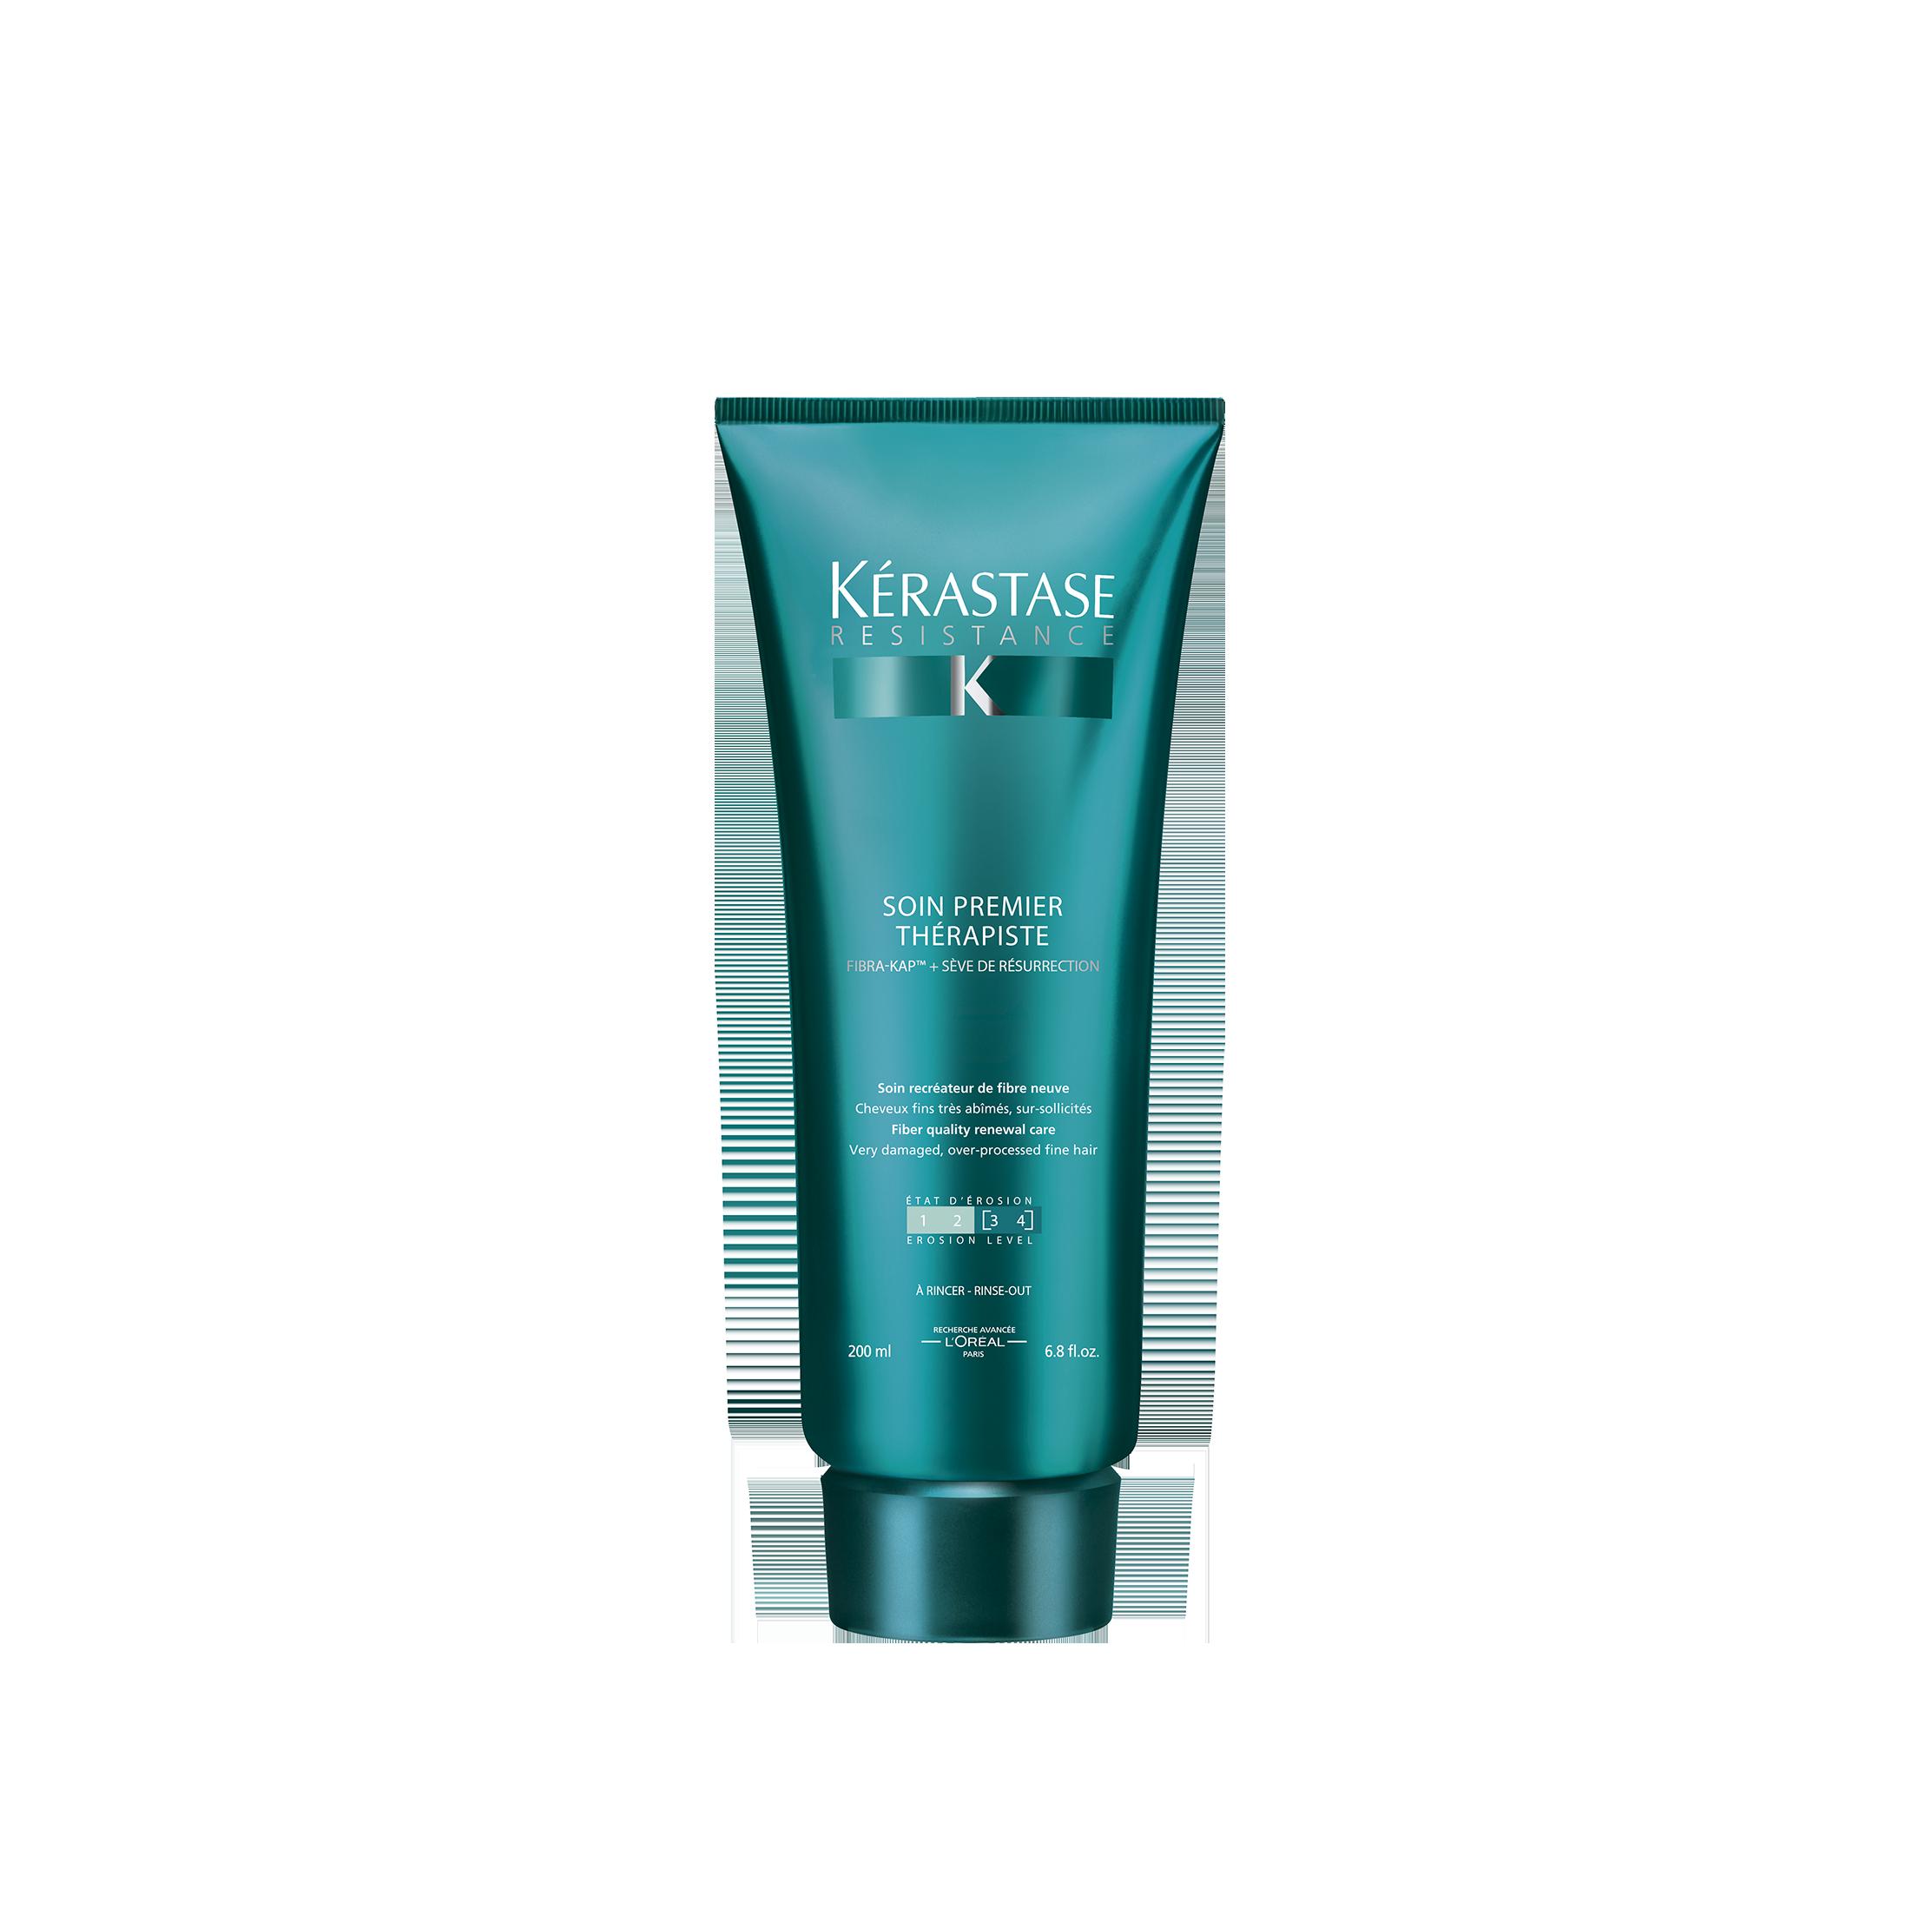 KERASTASE Уход - восстановление сильно поврежденных волос степень повреждения 3-4 / THERAPISTE 200млОсобые средства<br>Уход, нежно восстанавливающий материю волос, не утяжеляя их. Используется перед шампунь-ванной. Для тонких волос. Преимущества: смываемый Уход Премьер восстанавливает материю сильно поврежденных волос, регулярно подвергающихся негативным воздействиям: механическому, химическому и термическому. Не утяжеляет тонкие волосы. Активные ингредиенты:   Комплекс FIBRA-KAP  / ФИБРА- КЭПт  компенсирует недостаток белков, сопутствующих кератину в структуре волоса, и стимулирует их синтез.   Гликозид сафлора (SP94) снабжает фолликул энергией, необходимой для активации синтеза KAPs (белков, сопутствующих кератину)*.   6 аминокислот характеризуются своей способностью заполнять поврежденные участки волоса.   Гидролизованный Протеин пшеницы способствует восстановлению материи волос.   Растительный сок миротамнуса известный также как  оживающее растение , способствует процессу восстановления. * Тест in vitro. Способ применения: нанести на влажные волосы перед применением Шампунь-Ванны, оставить для воздействия на 1-2 минуты. Тщательно смыть и приступить к нанесению Шампуня-Ванны Th rapiste.<br><br>Объем: 200 мл<br>Вид средства для волос: Восстанавливающий